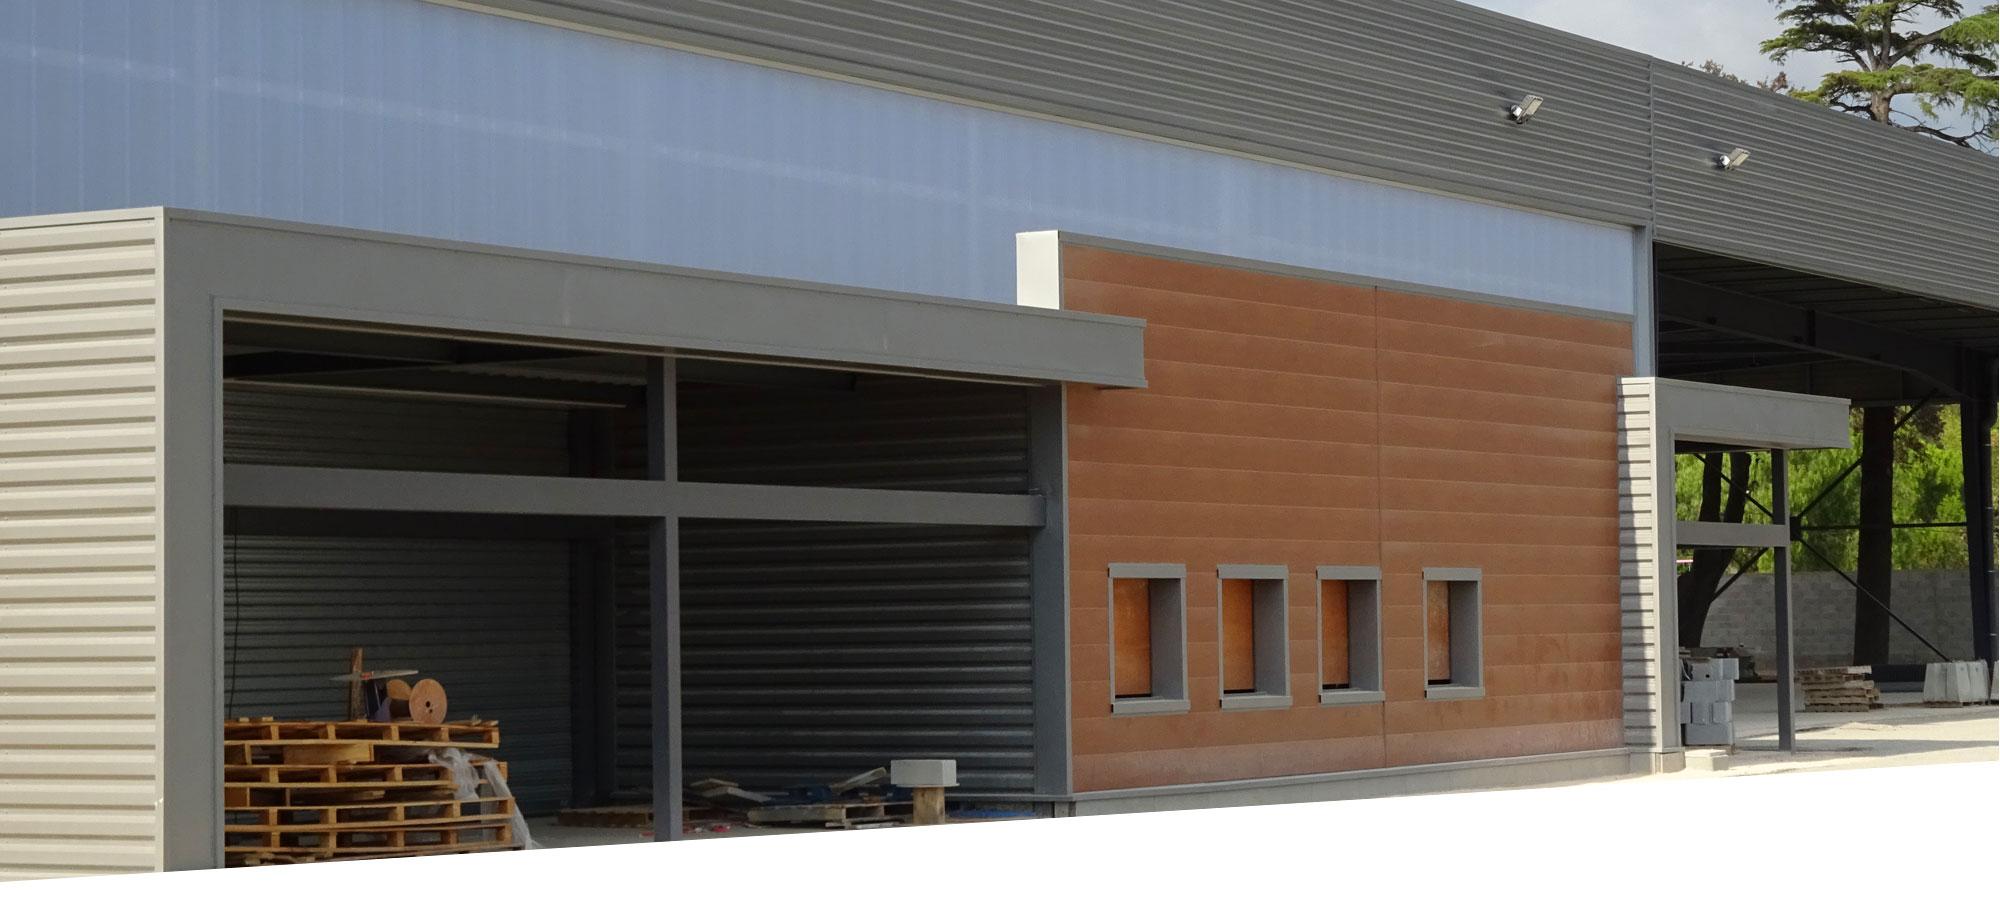 CICM réalisation batiment commercial magasin gedimat